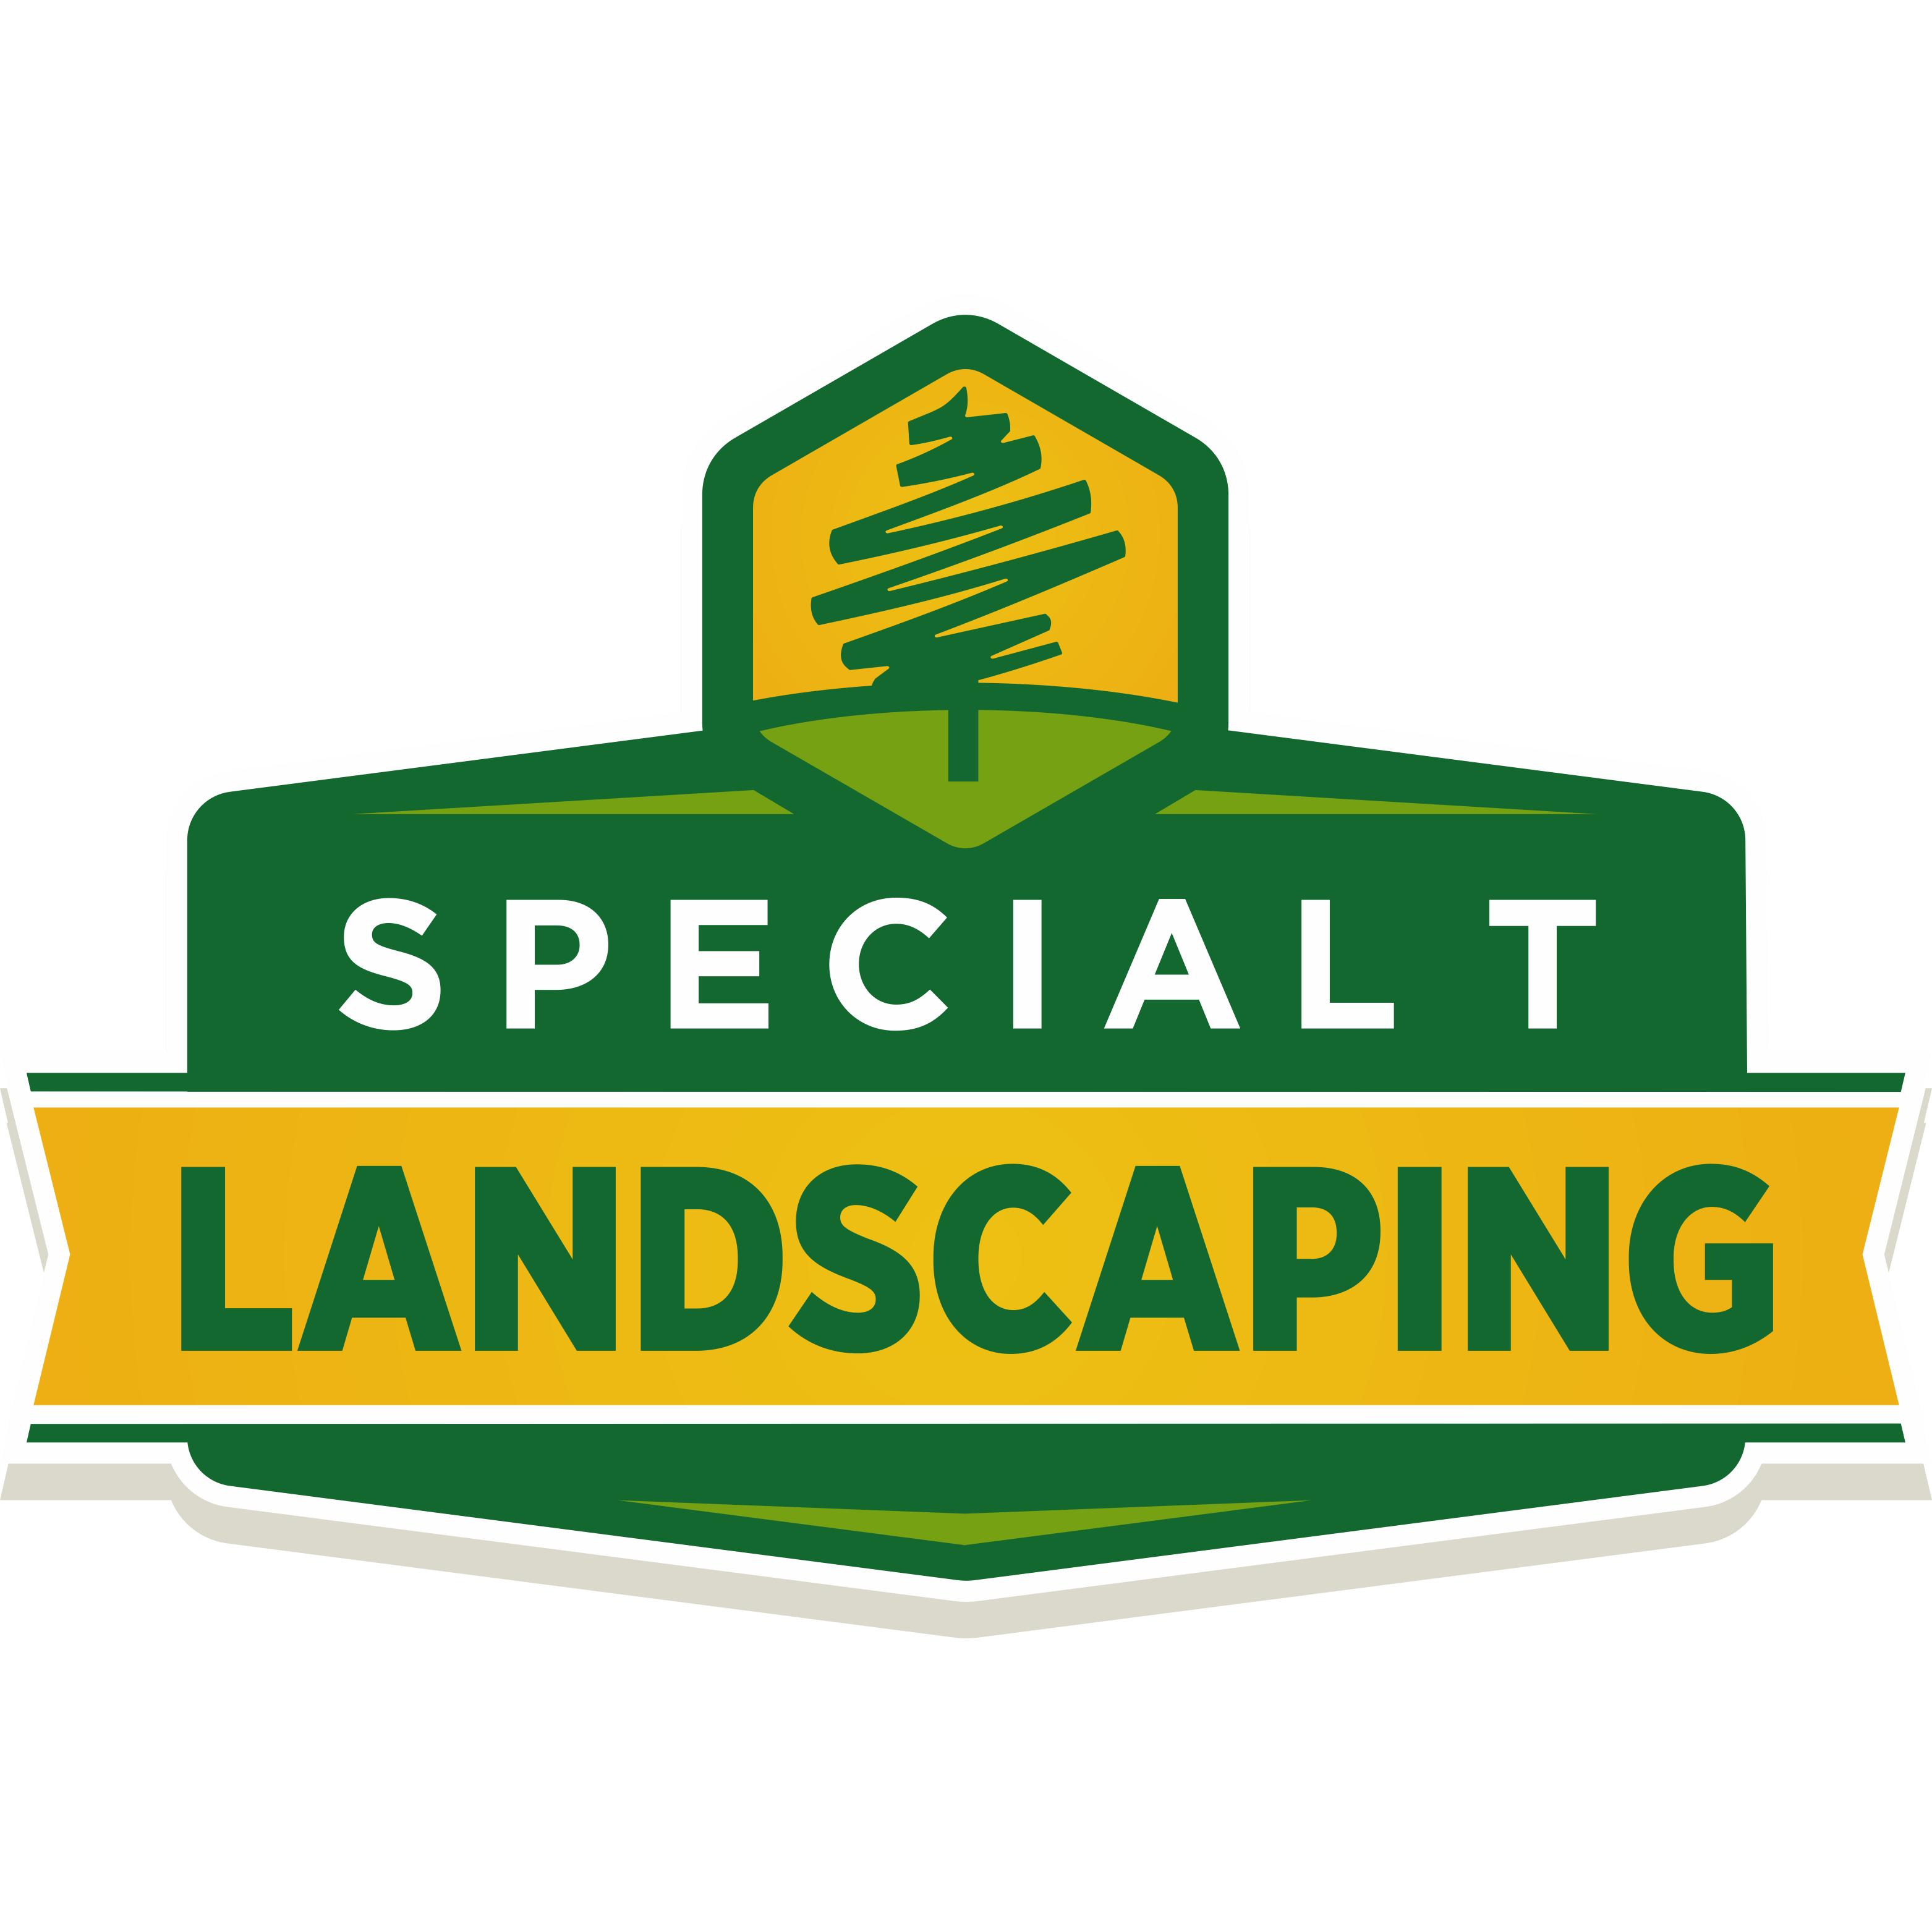 Special T Landscaping - Oklahoma City, OK 73170 - (405)763-9566 | ShowMeLocal.com